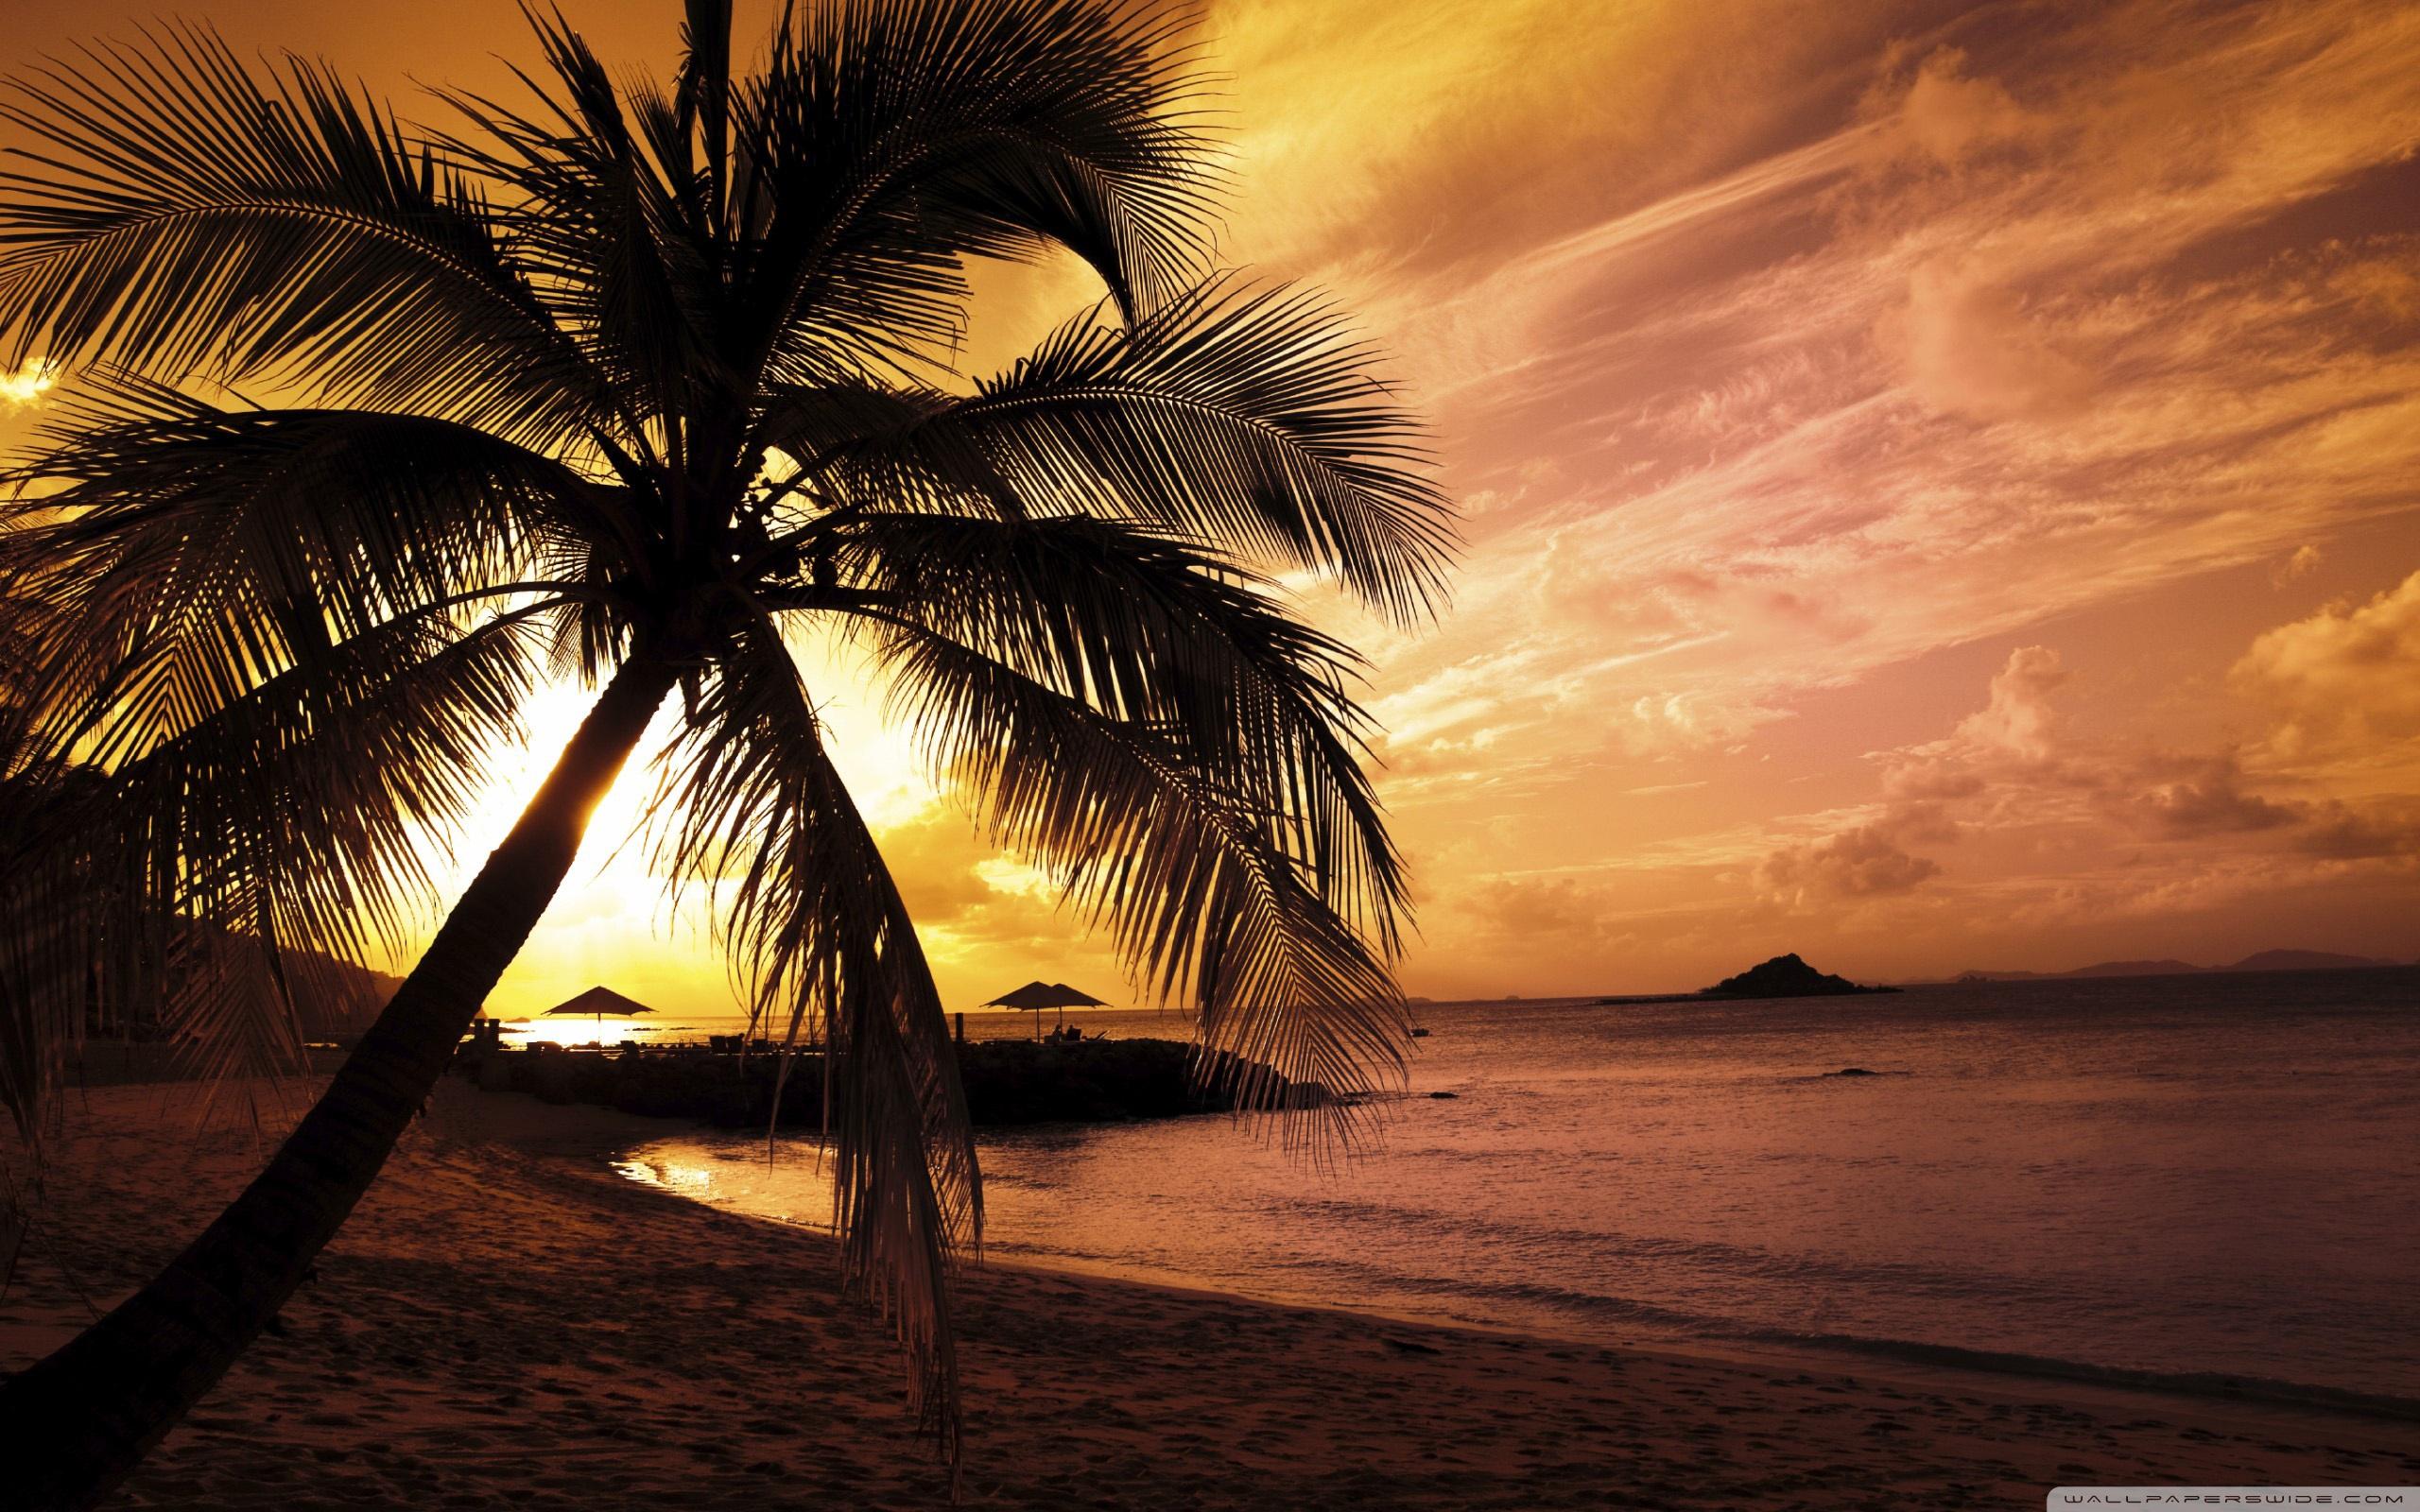 Beach Sunset Wallpaper Wide - Beach Sunset Wallpaper Hd - HD Wallpaper